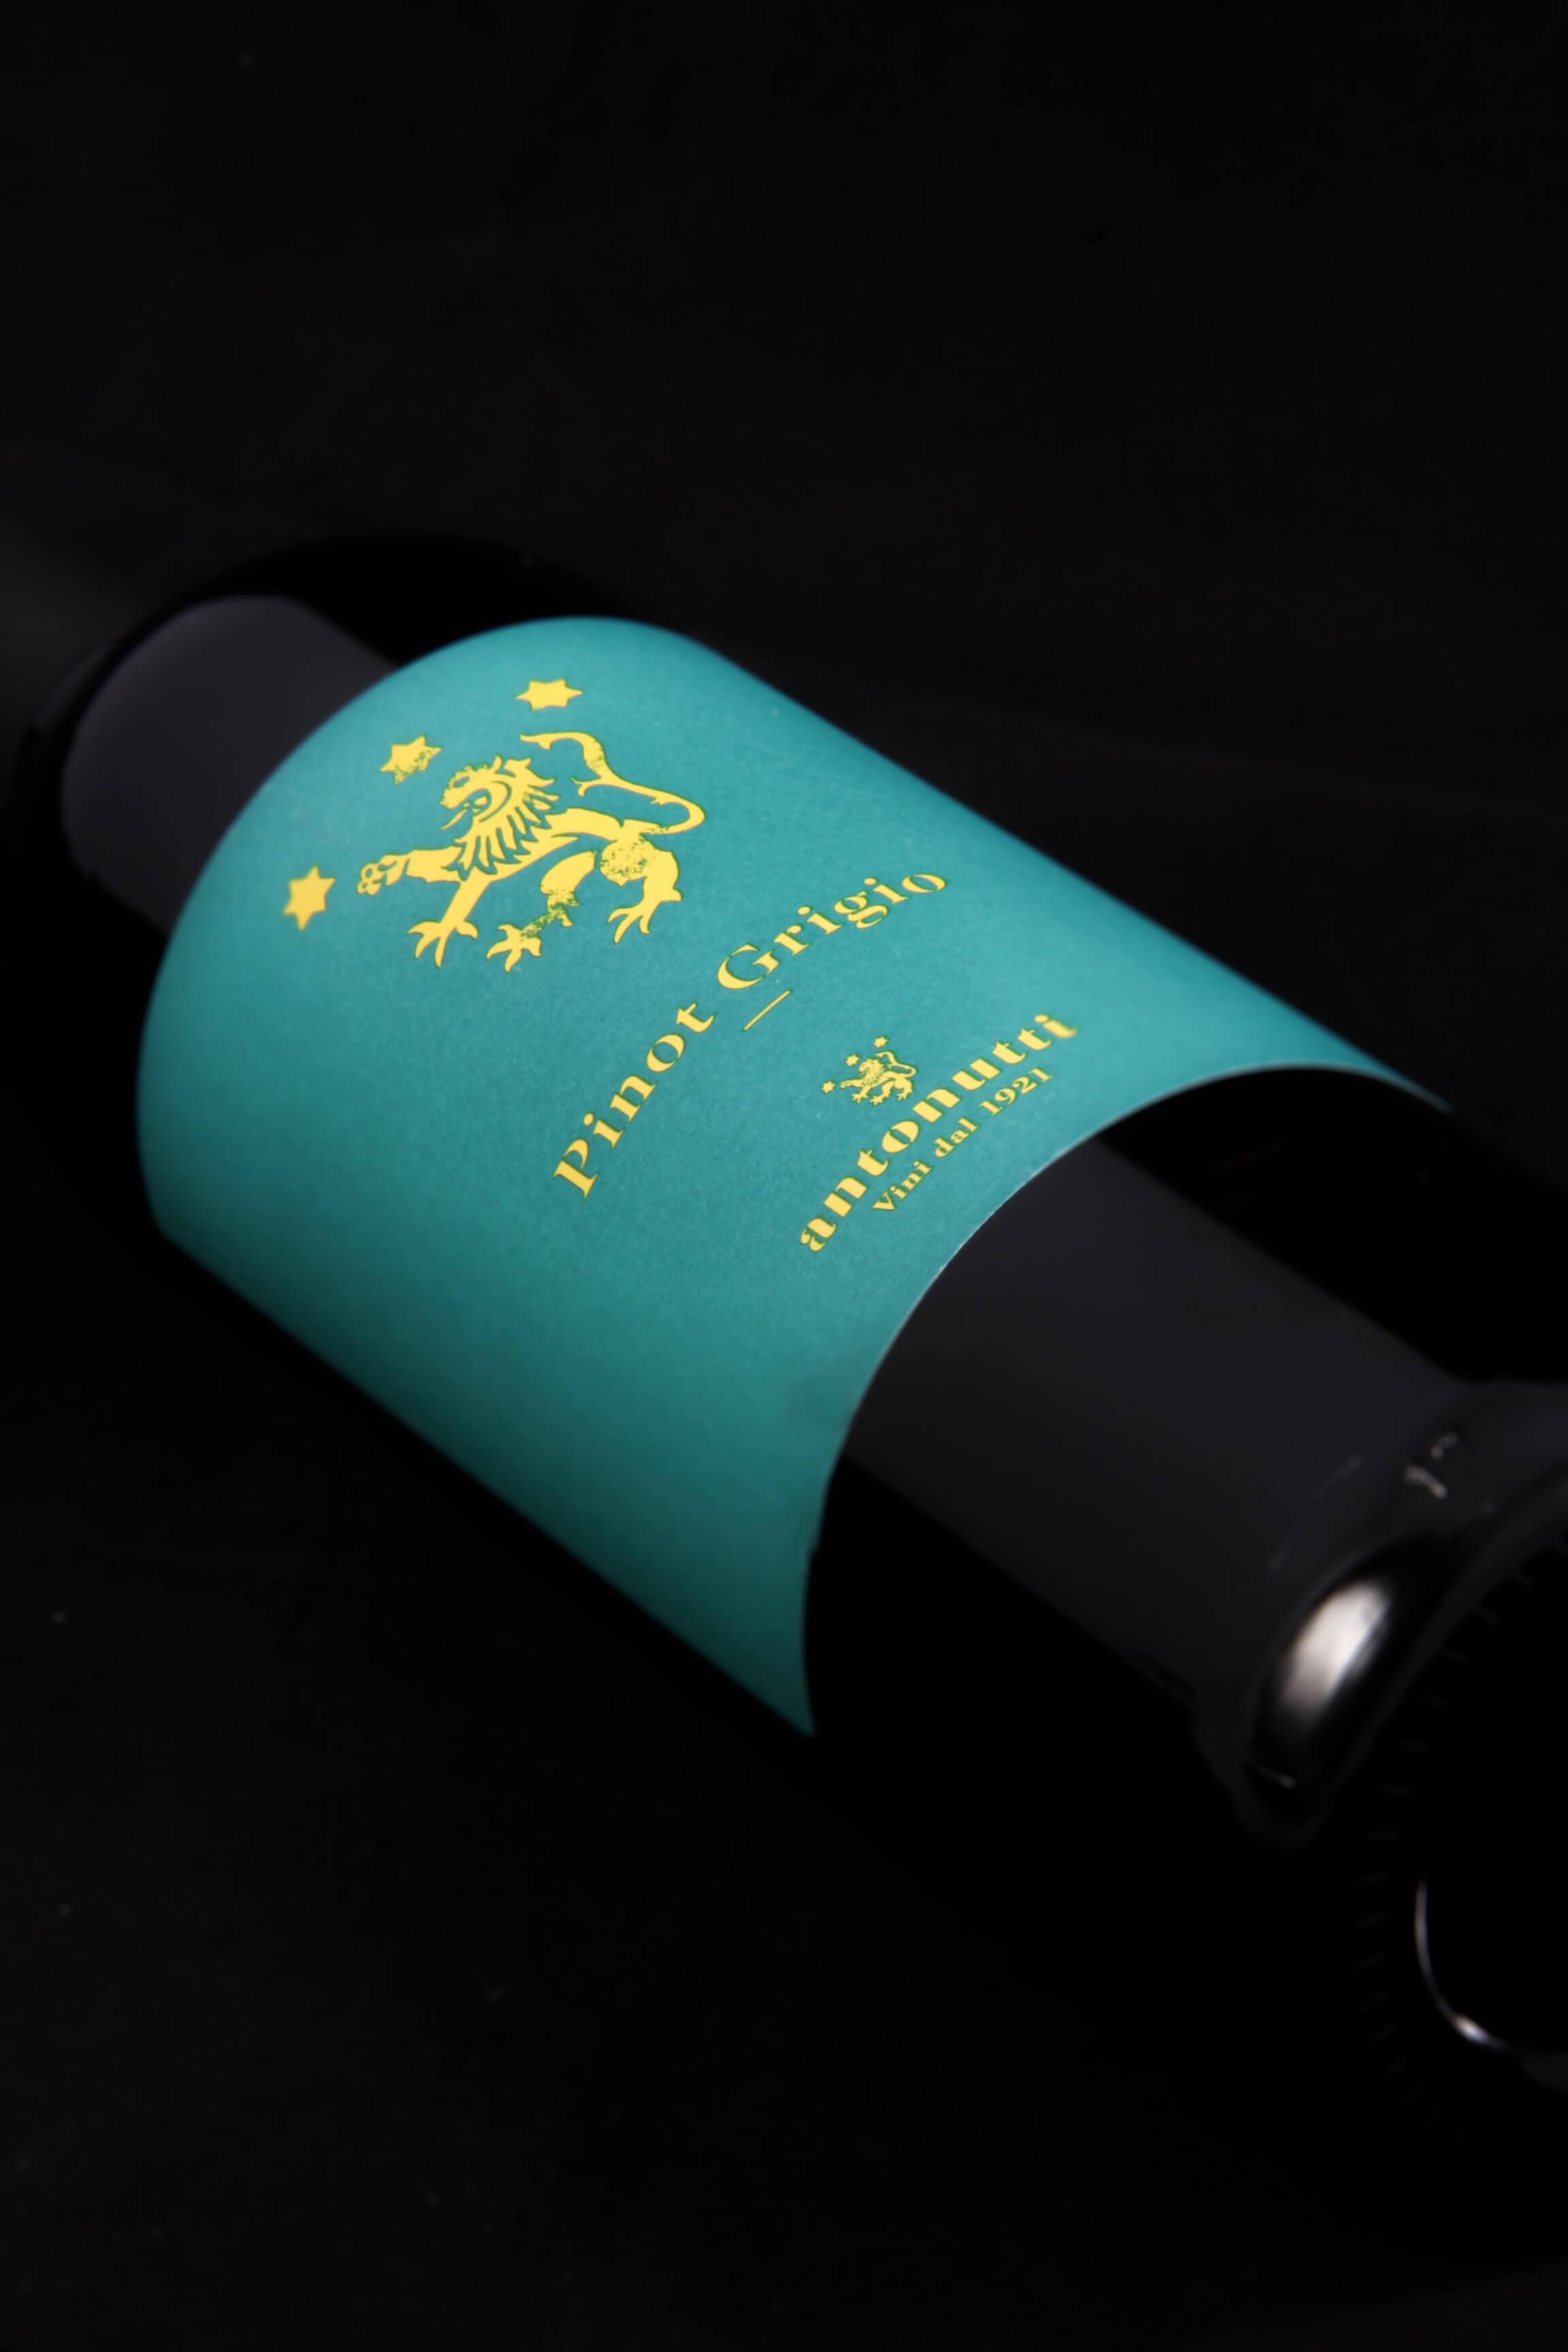 vino_nostrum-importadora_de_vinos_y_alimentos_ok7